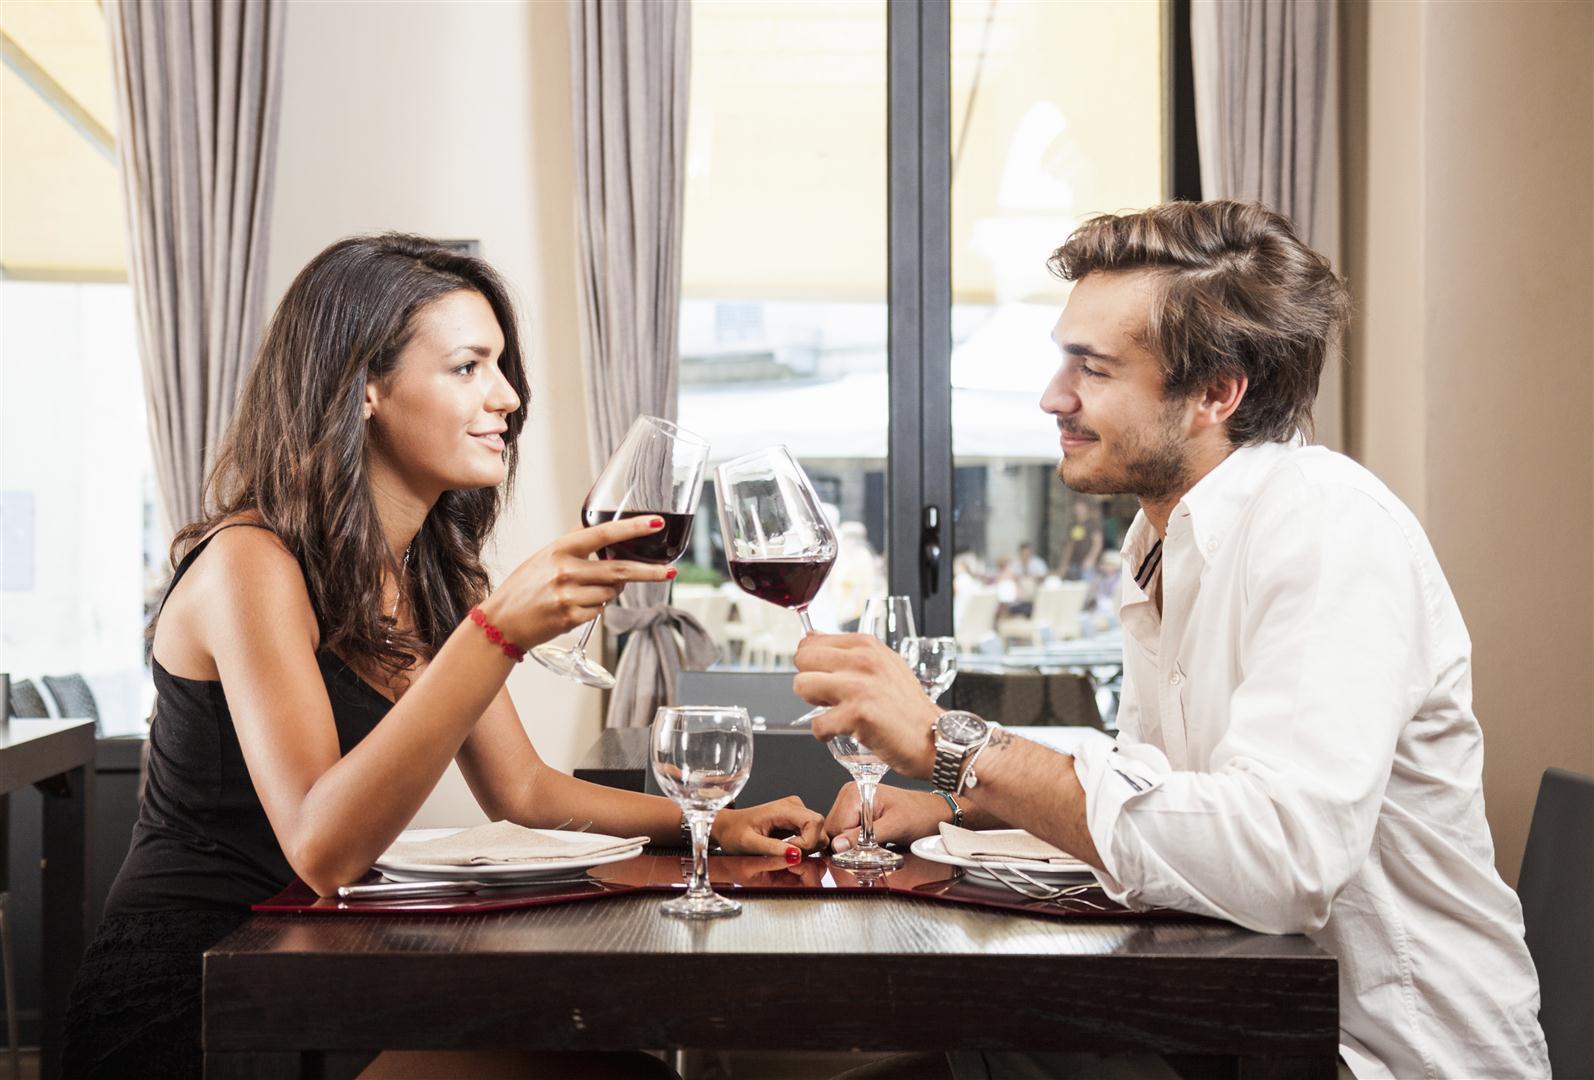 Immagini romantiche di appuntamenti